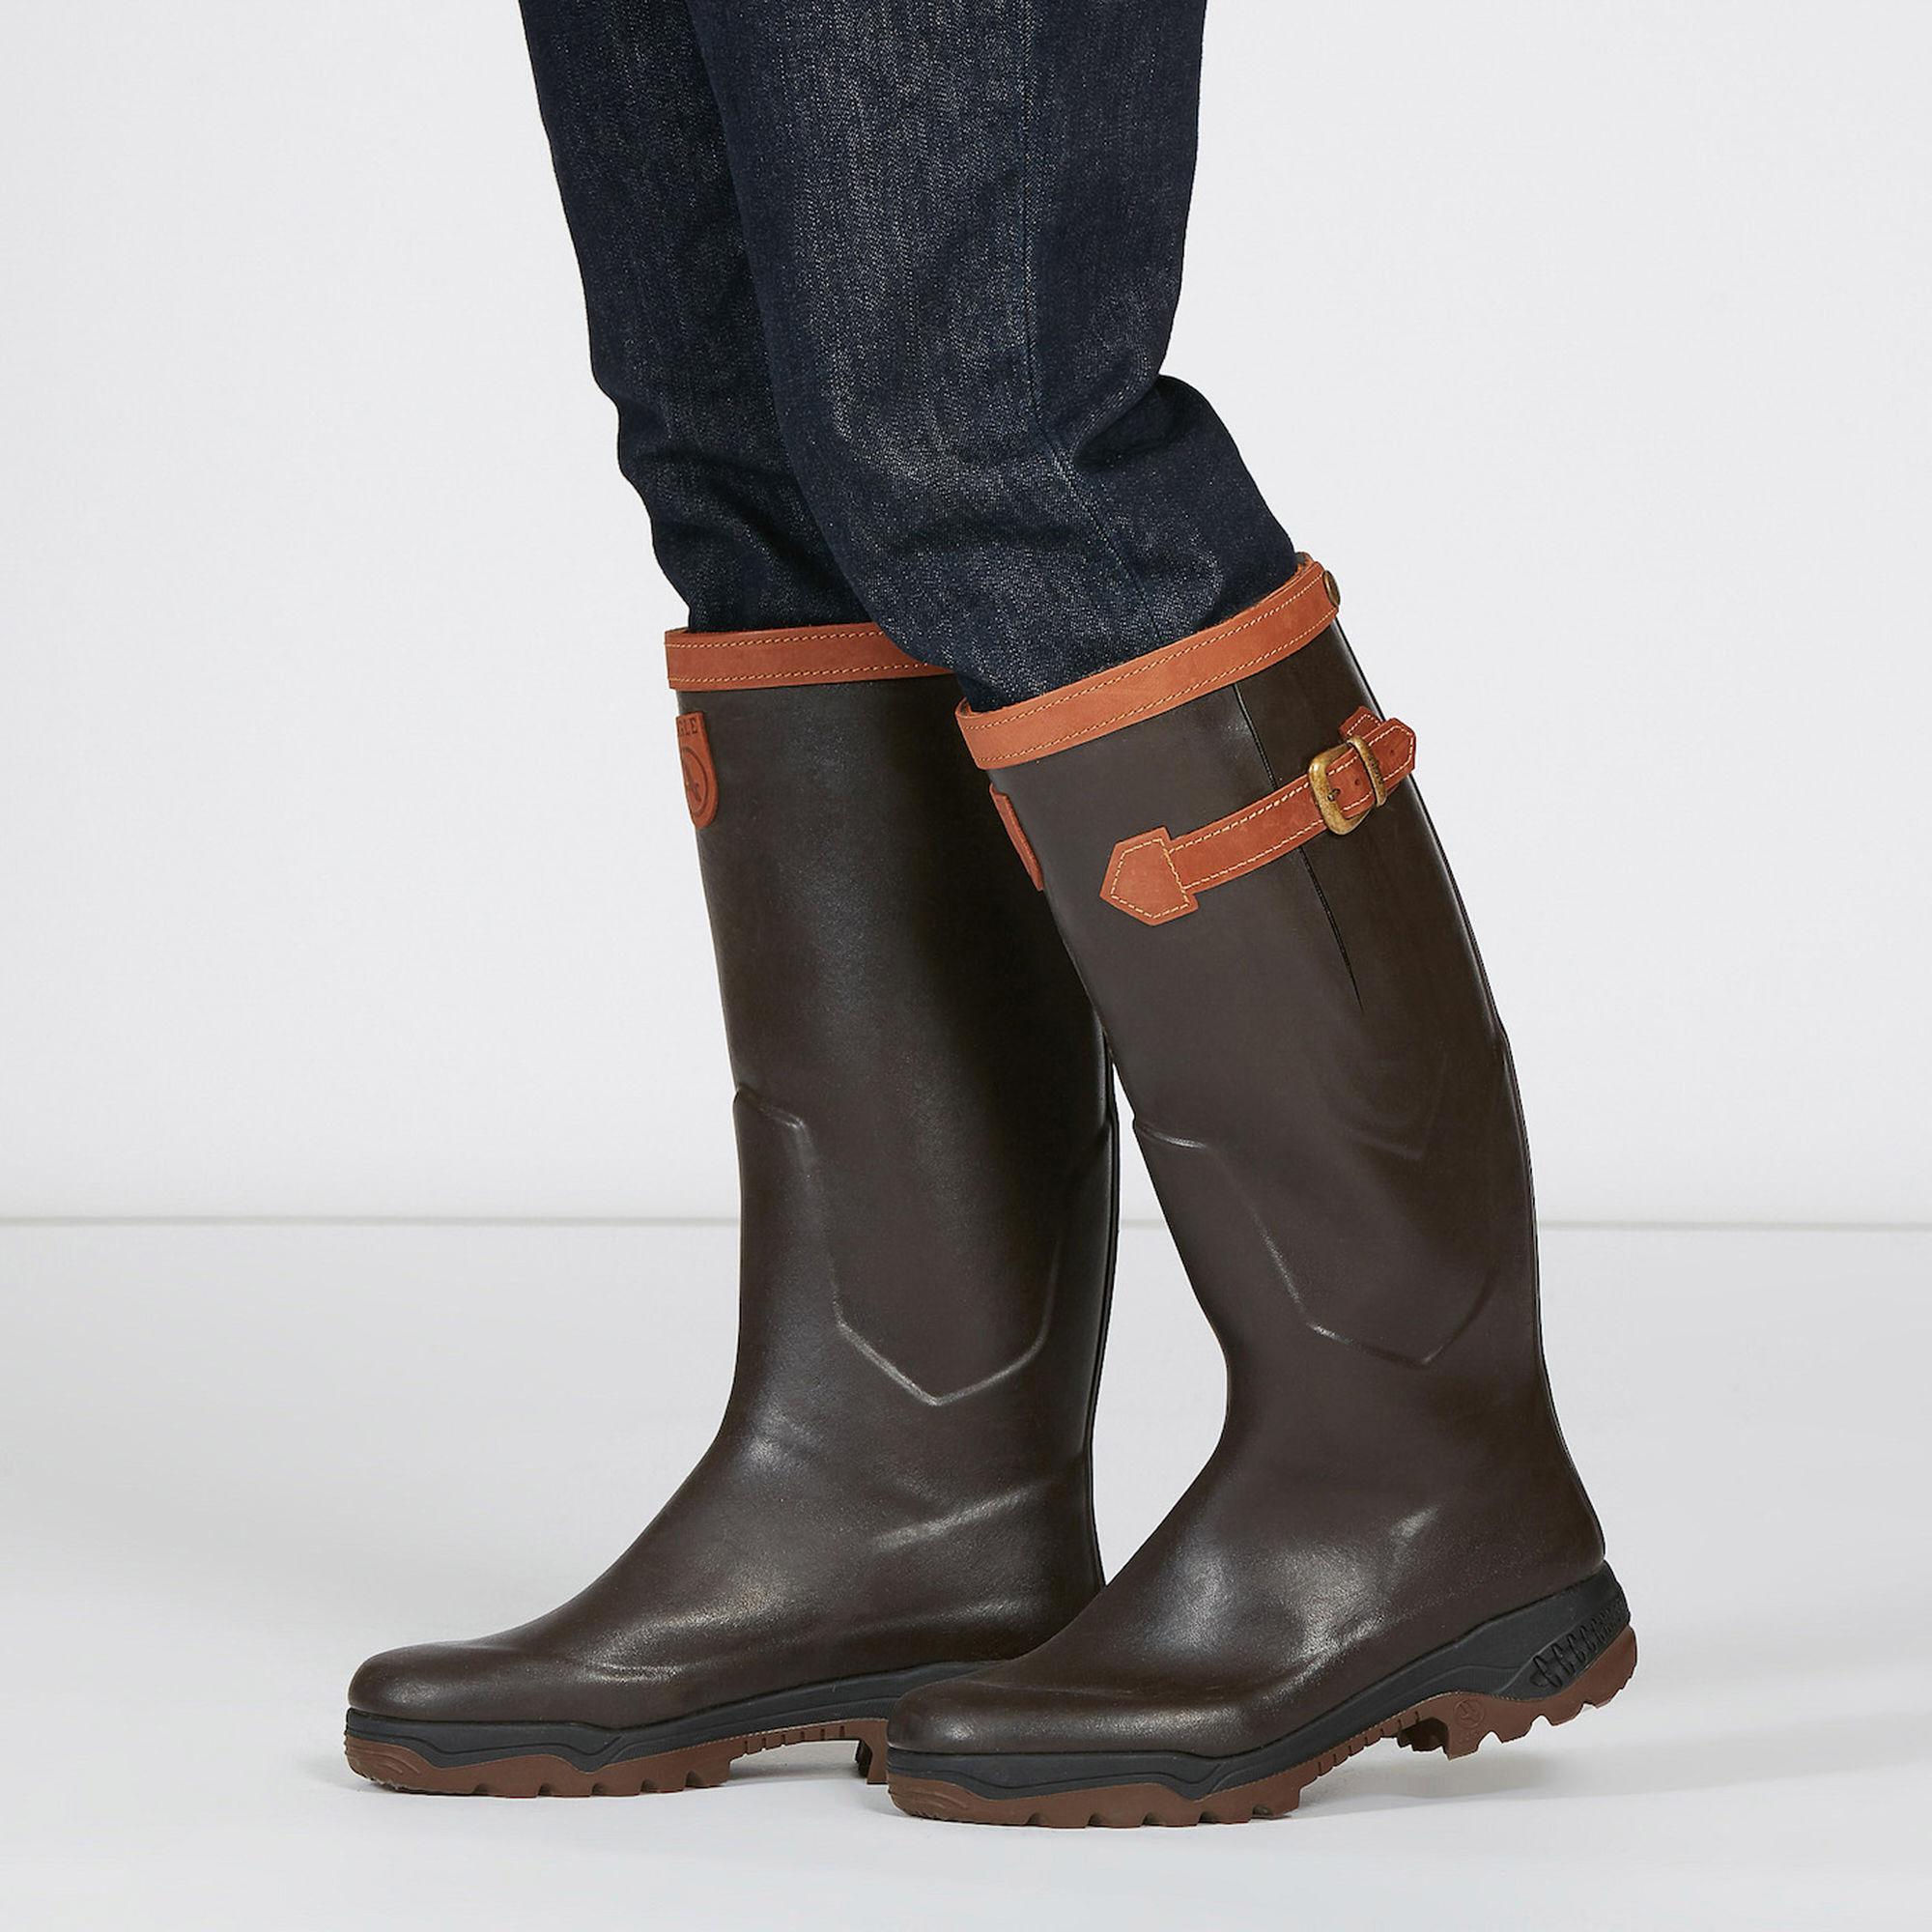 chaussures de sport 12d4a a5d46 AIGLE Parcours 2 Signature Wellington Boots